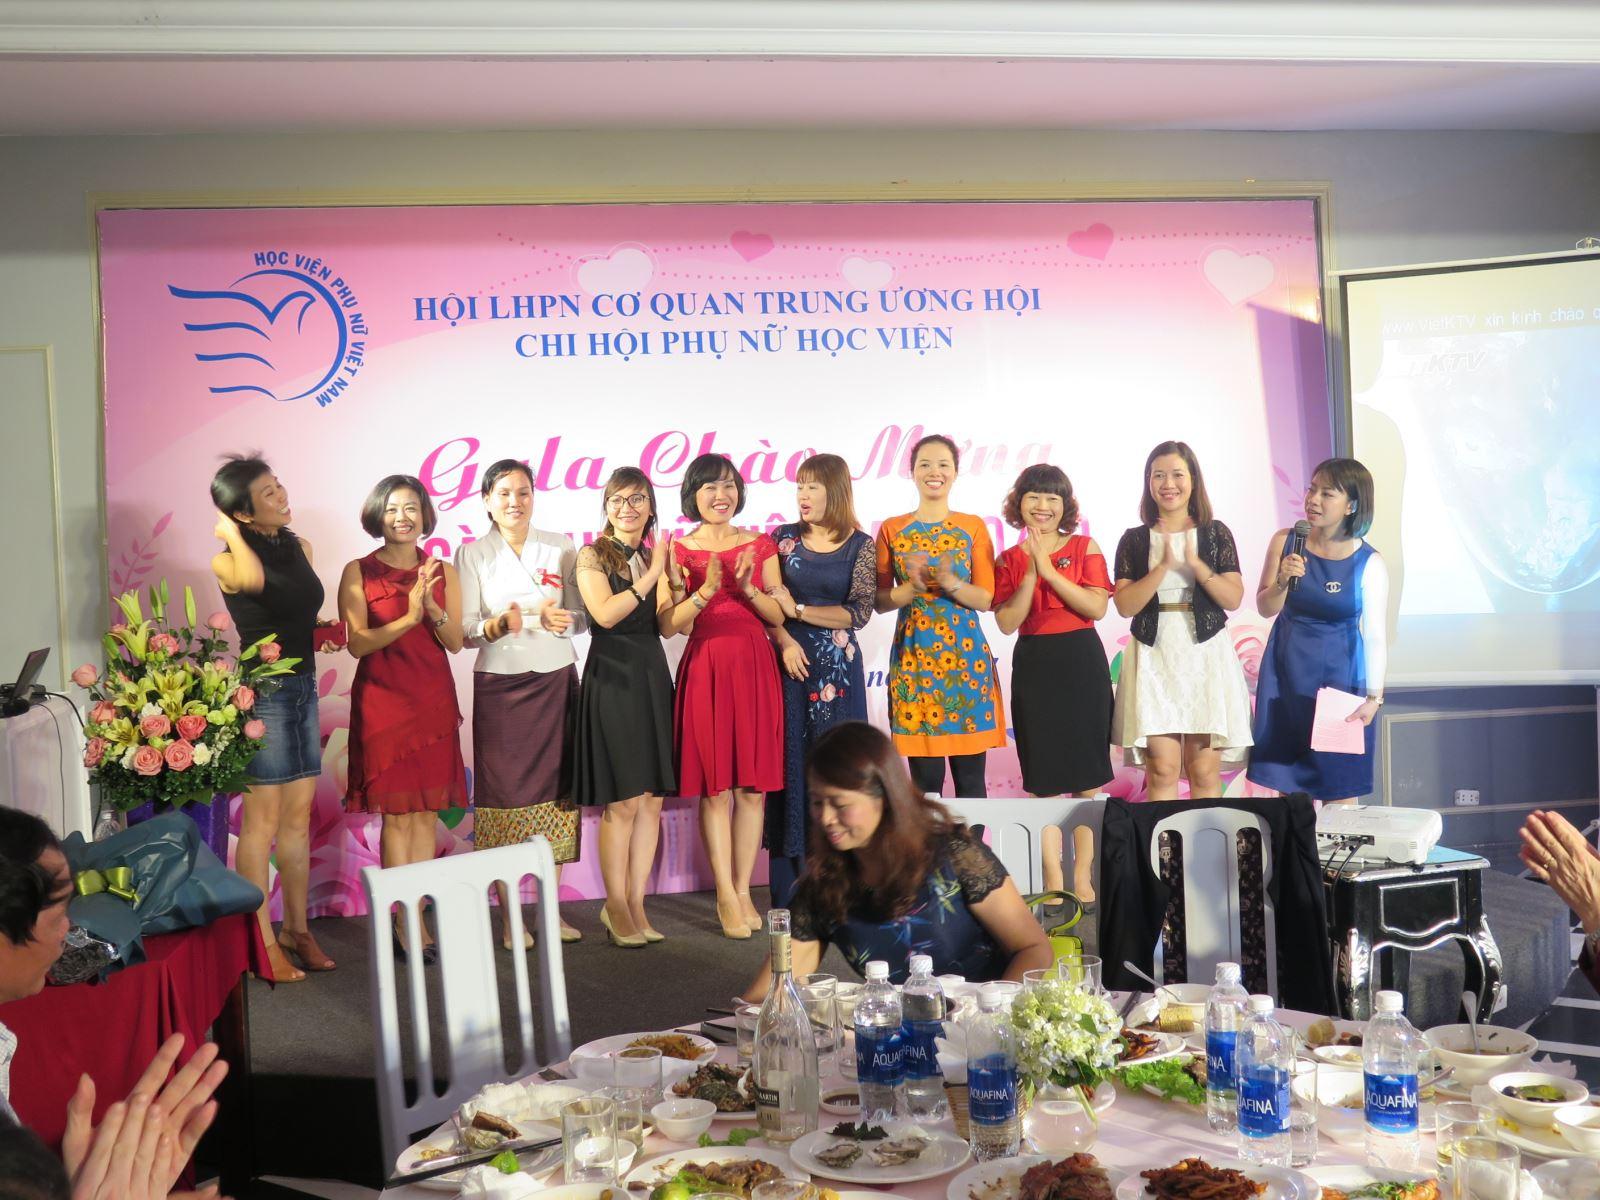 Chi hội Phụ nữ Học viện tổ chức Gala chào mừng ngày Phụ nữ Việt Nam 20/10